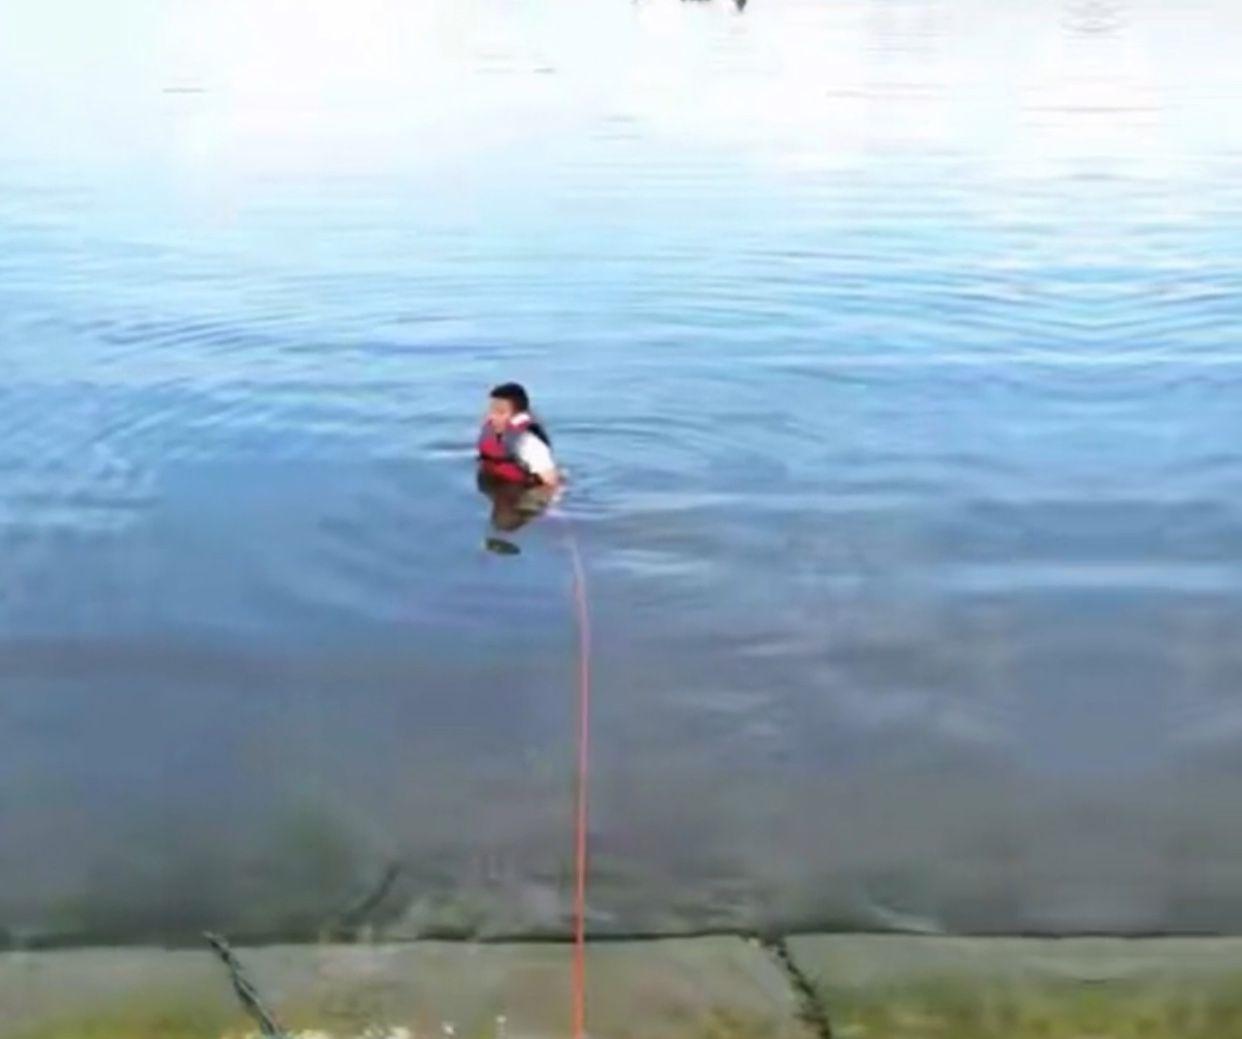 """小伙救落水儿童后发现3万元金项链丢失,路人称""""要钱直说"""",结局暖心"""